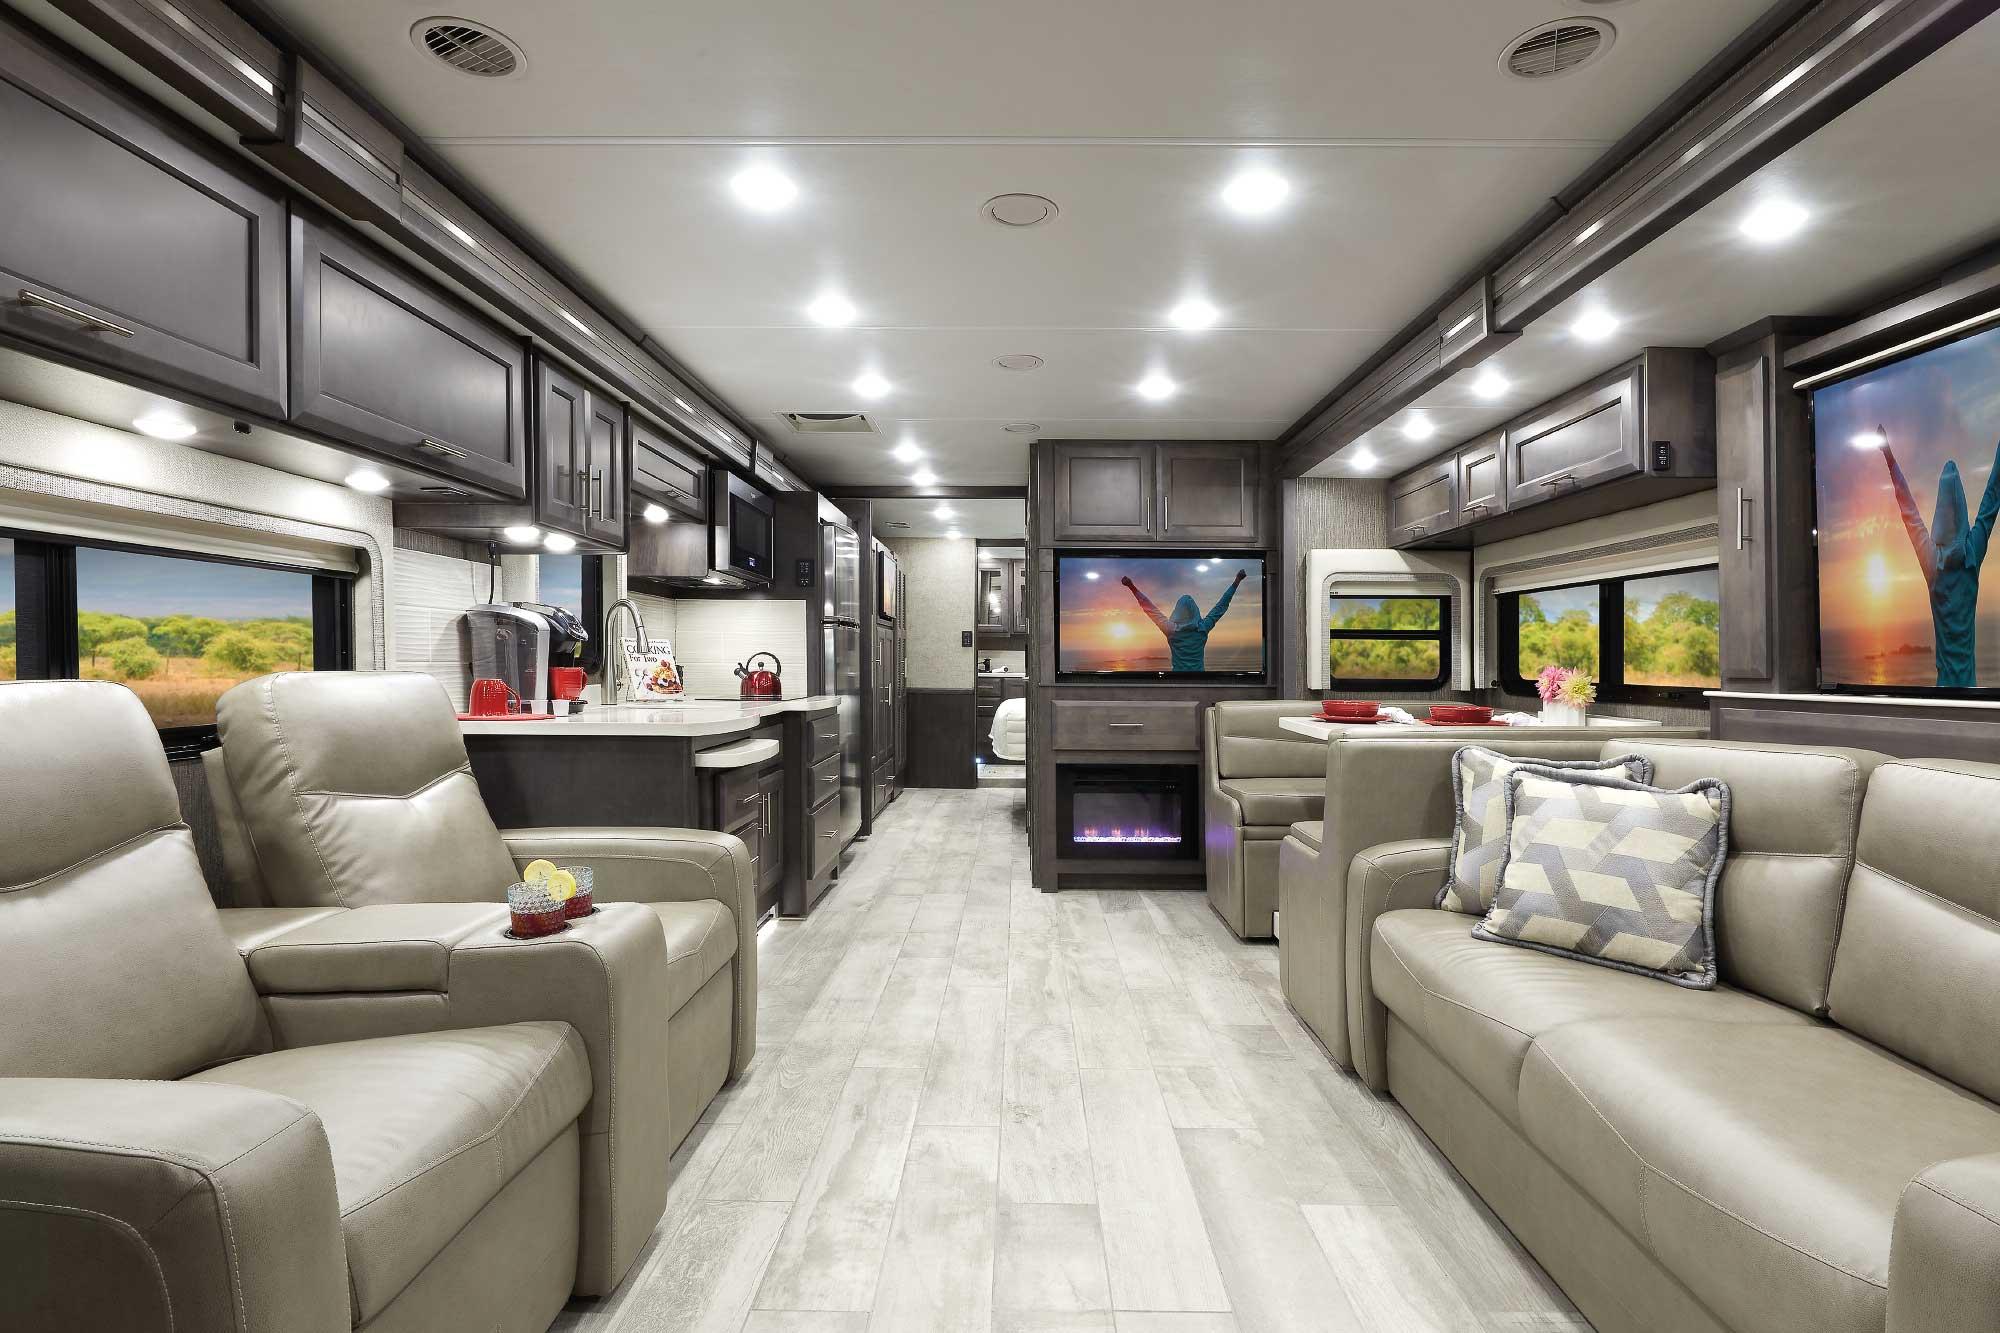 Aria Class A Diesel RV Interior